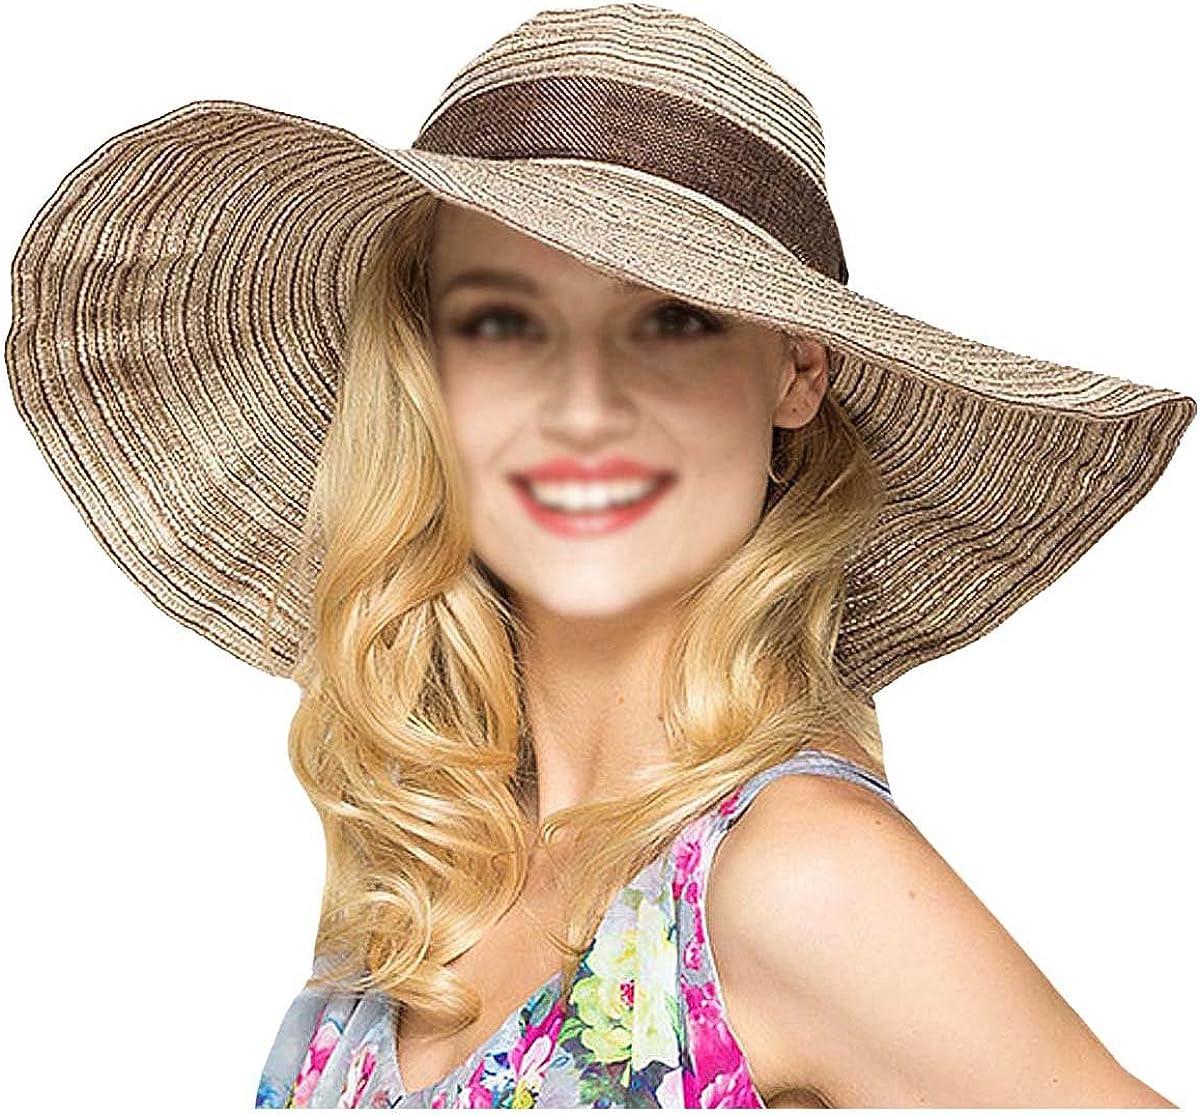 Cosanter Damen Sonnenhut Eleganter Panamah/üte Strohhut flexible Sommerhut Strand Sonne H/üte aus Stroh bietet UV Schutz